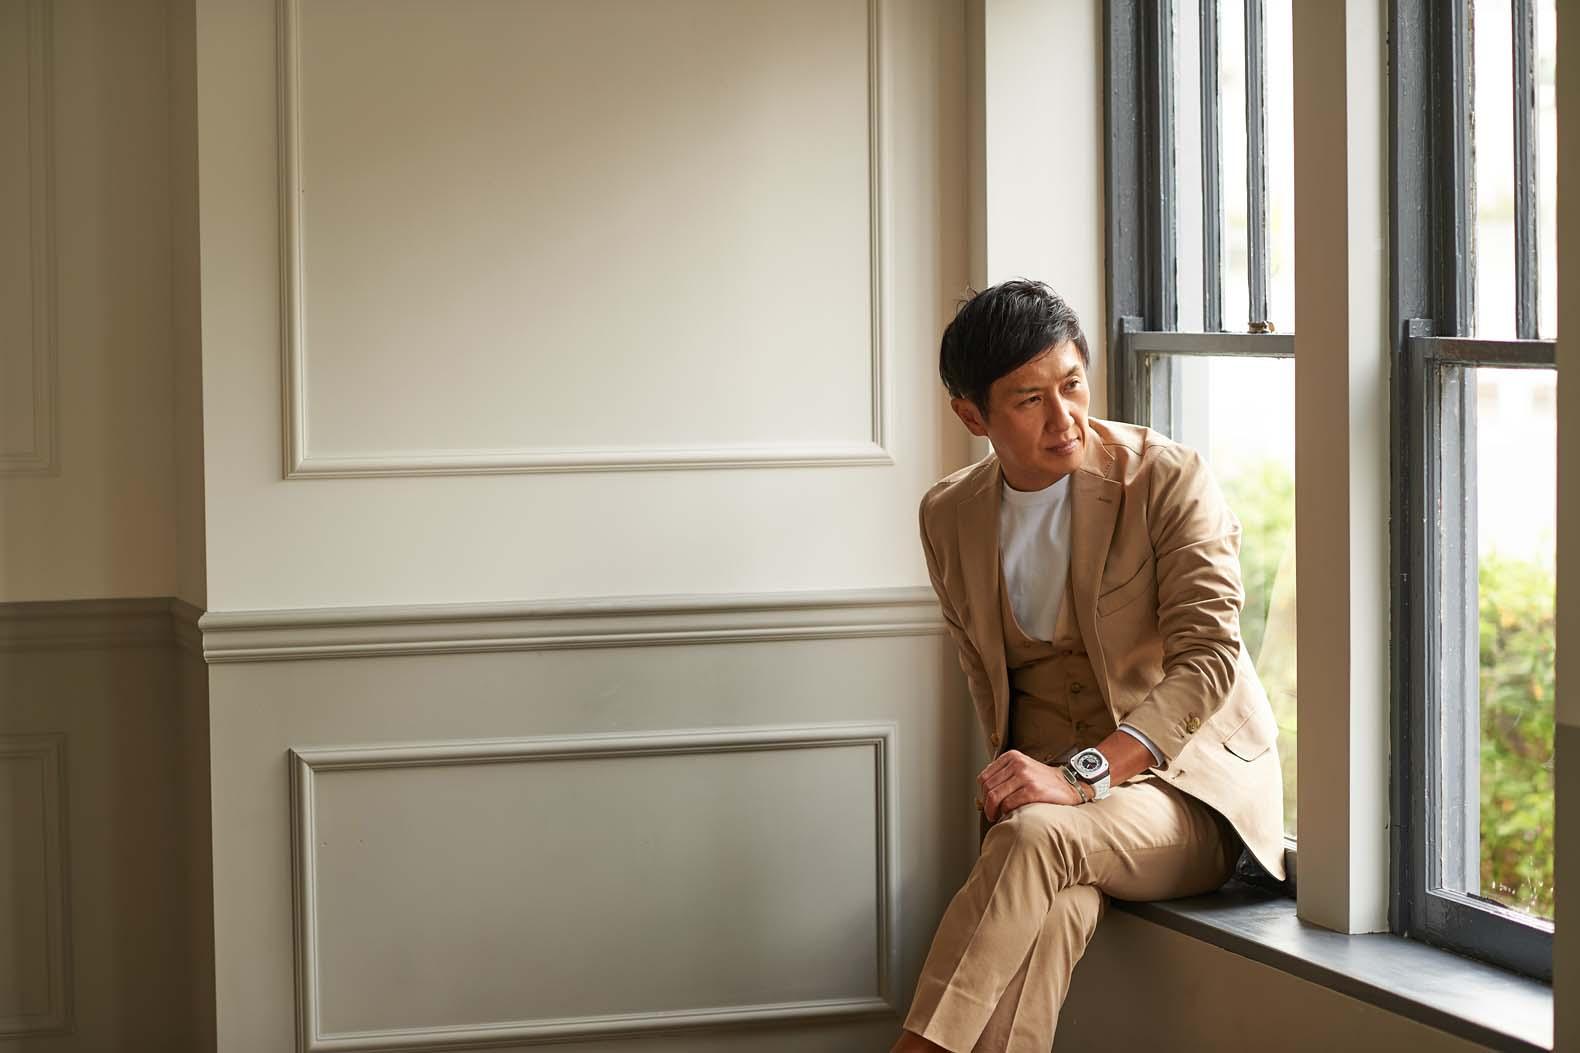 ナノ ライブラリーの最新作!トガベージュのハイブリッドスーツ